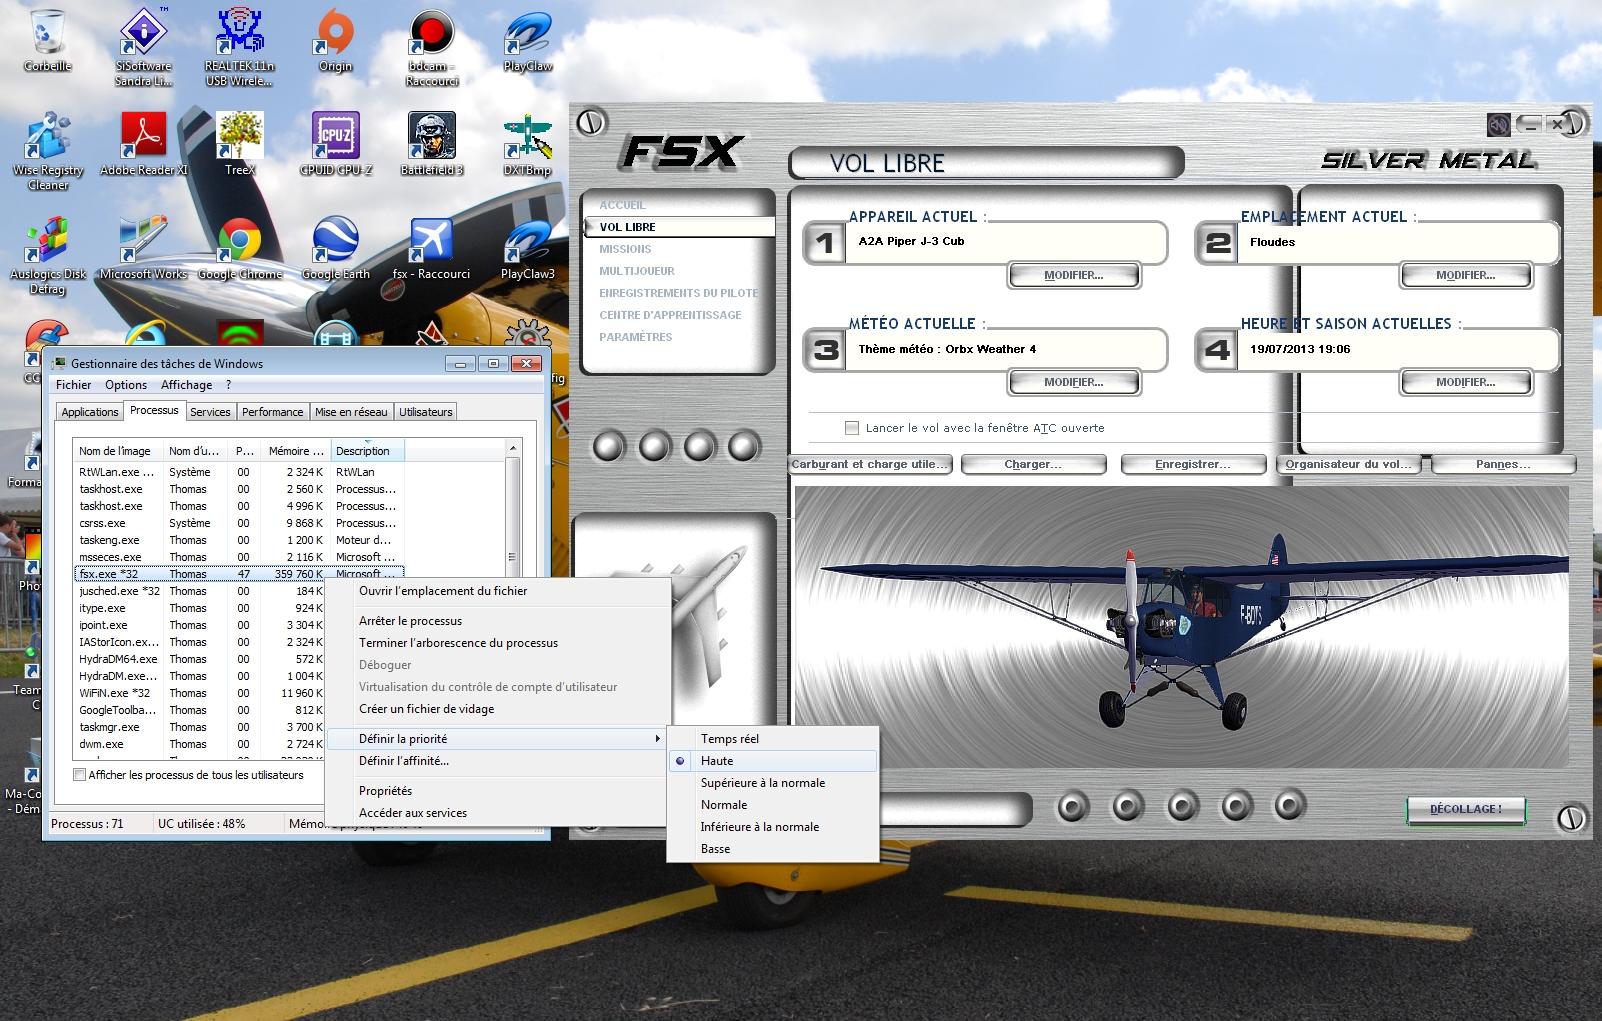 Fsx est les processeurs multi-coeur 235146Sanstitre4